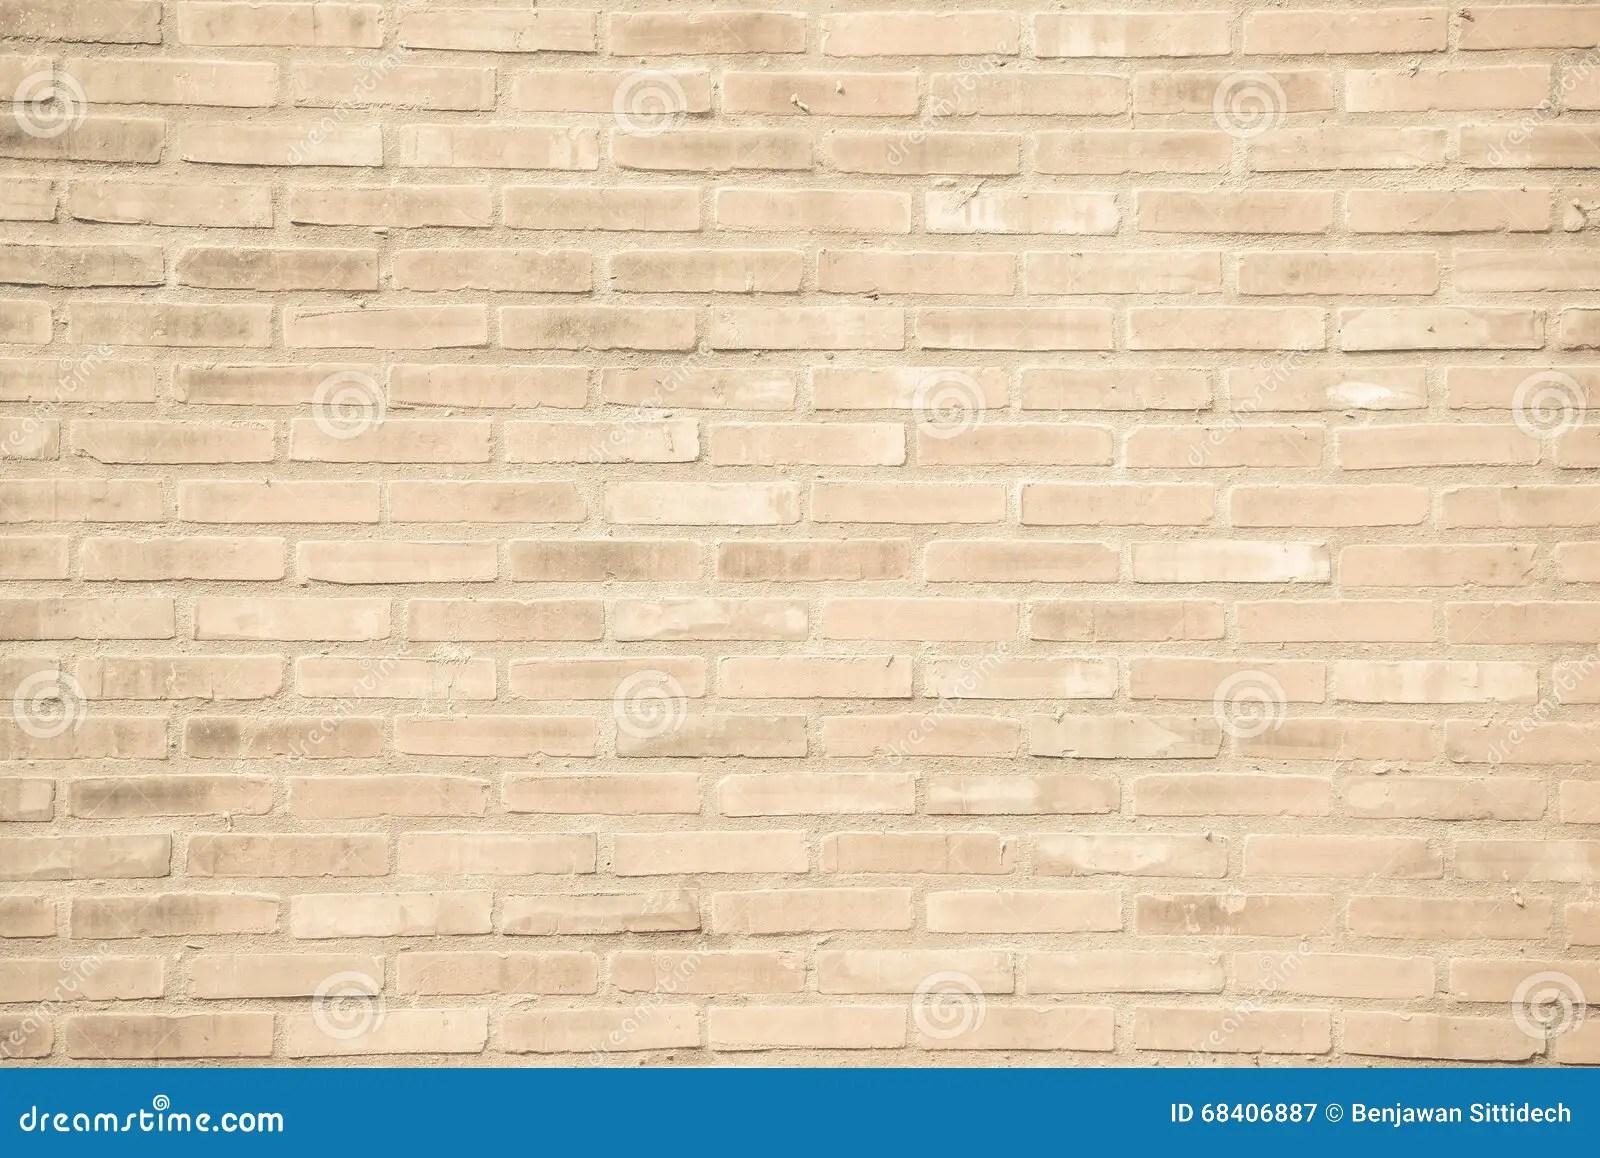 beige grunge brick wall